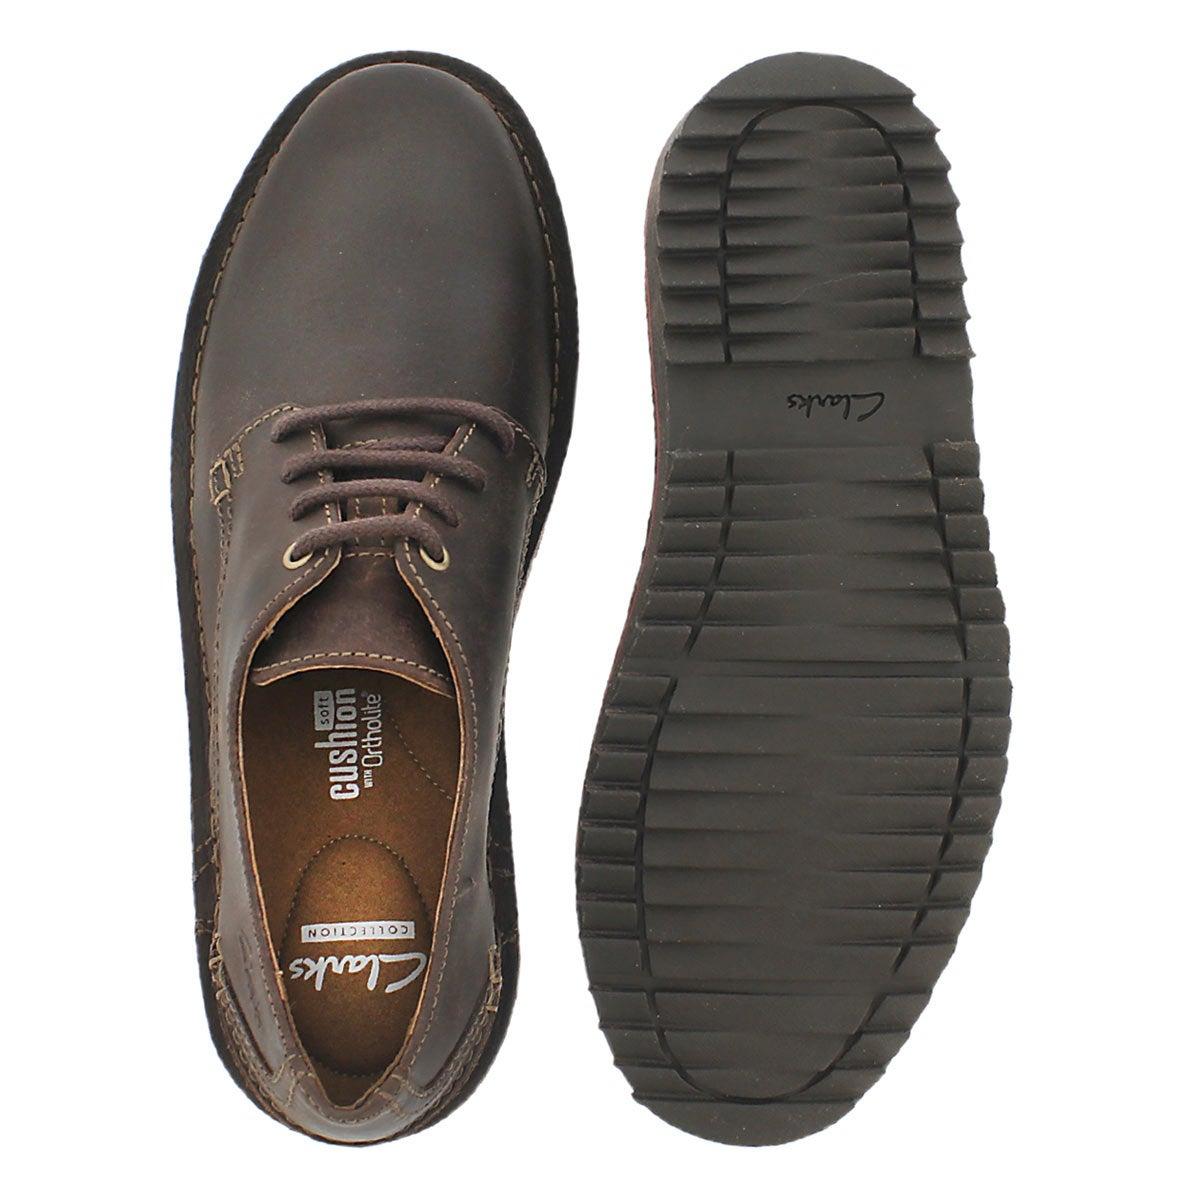 Mns Remsen Limit brn lace up casual shoe